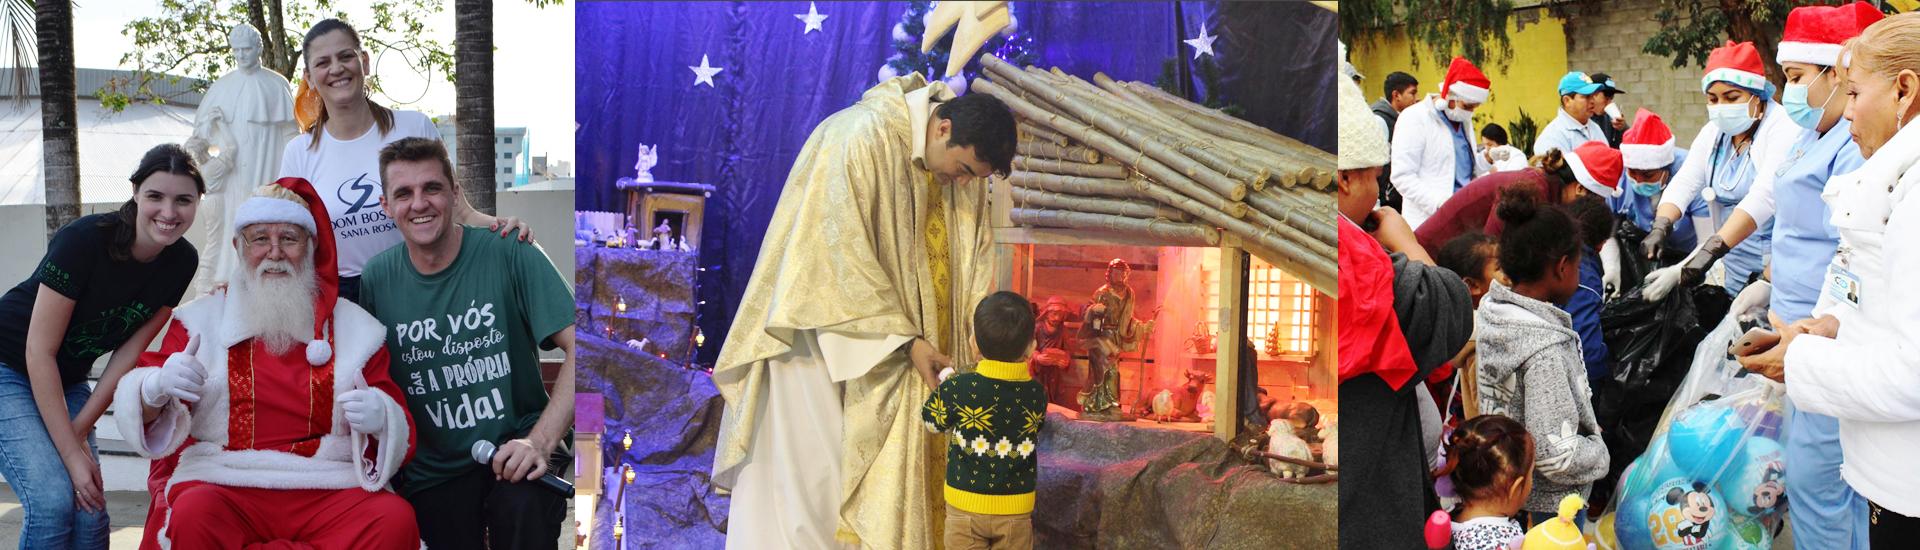 Navidad: el mismo sentido y la misma esperanza, aunque en circunstancias muy diferentes por la pandemia